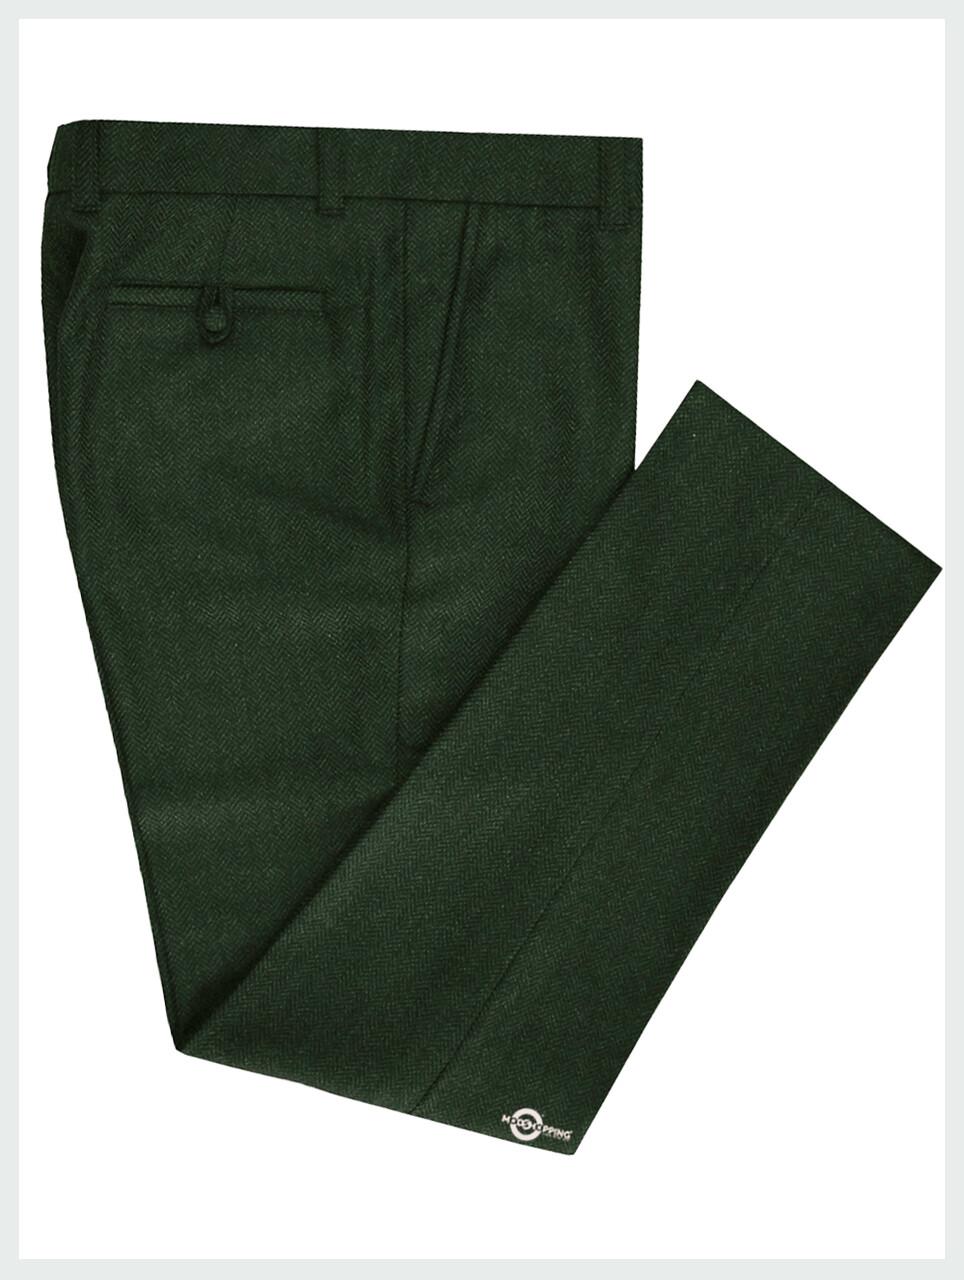 Mod Trouser | Dark Green Tweed Trouser For Men